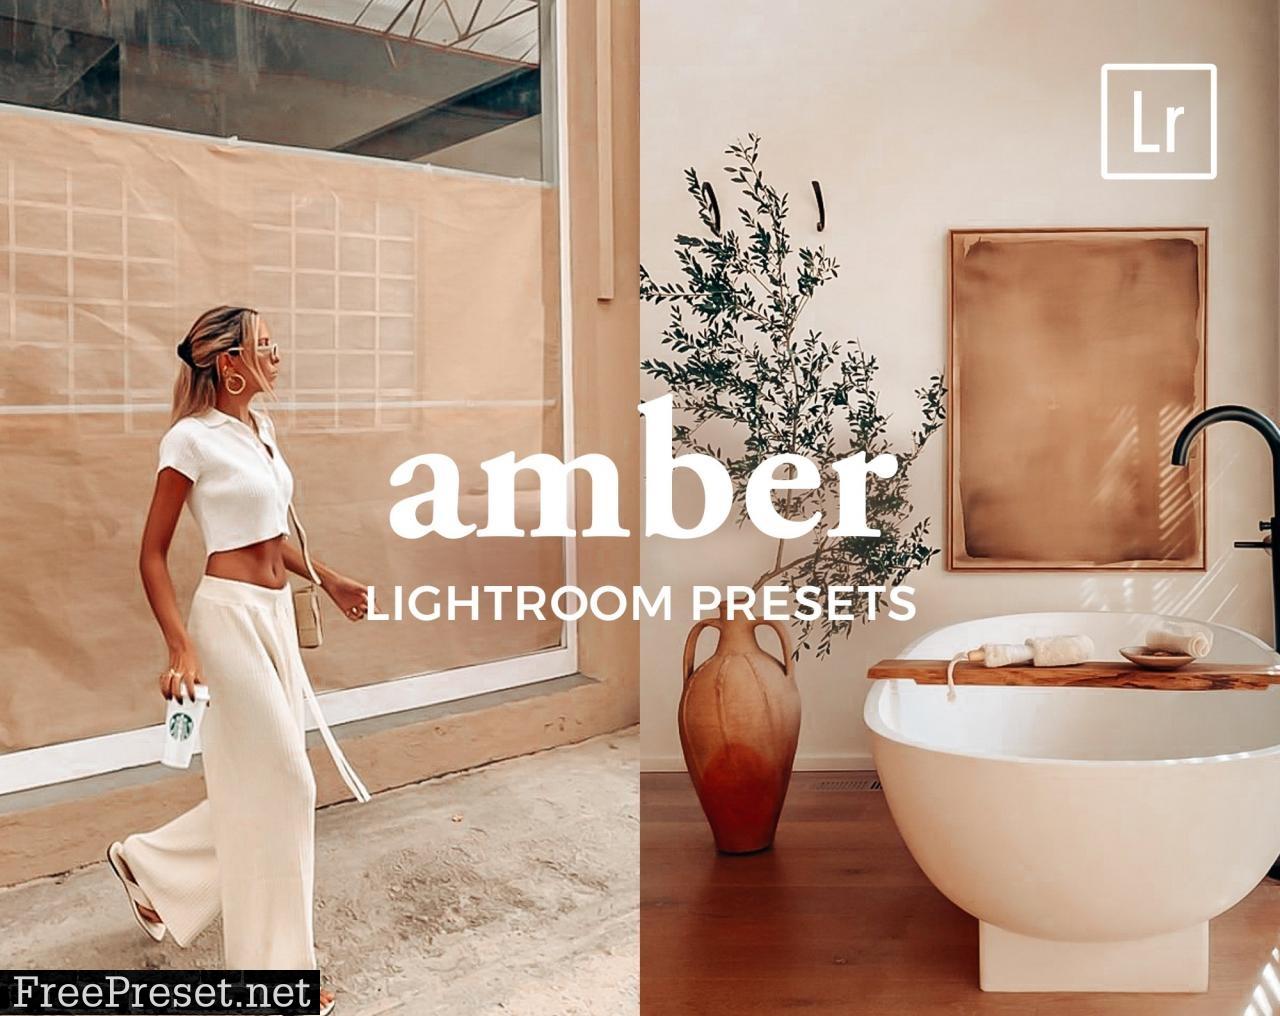 4 Lightroom Presets AMBER 5542921